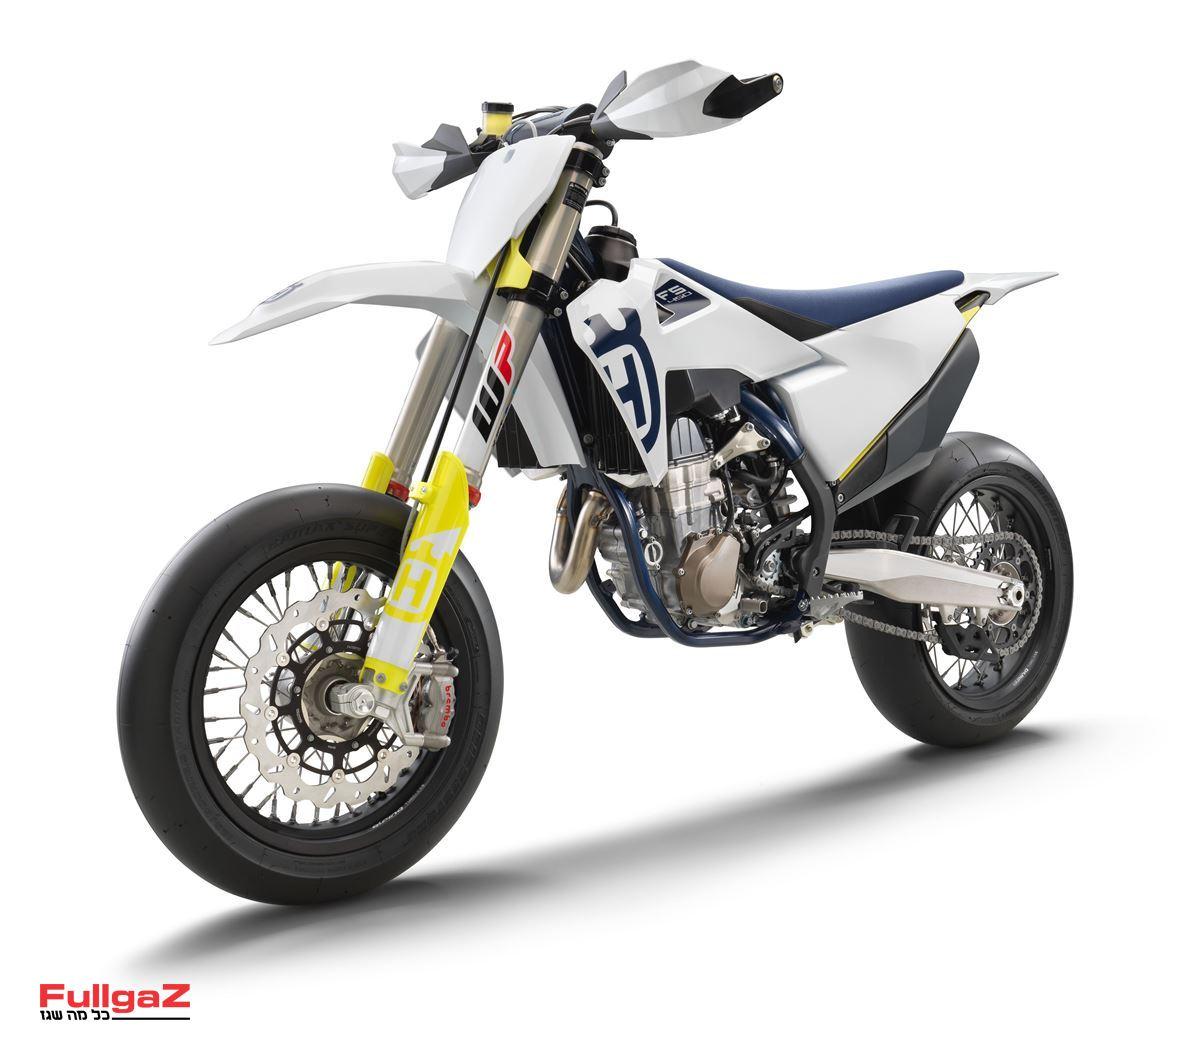 Husqvarna-FS450-2020-001